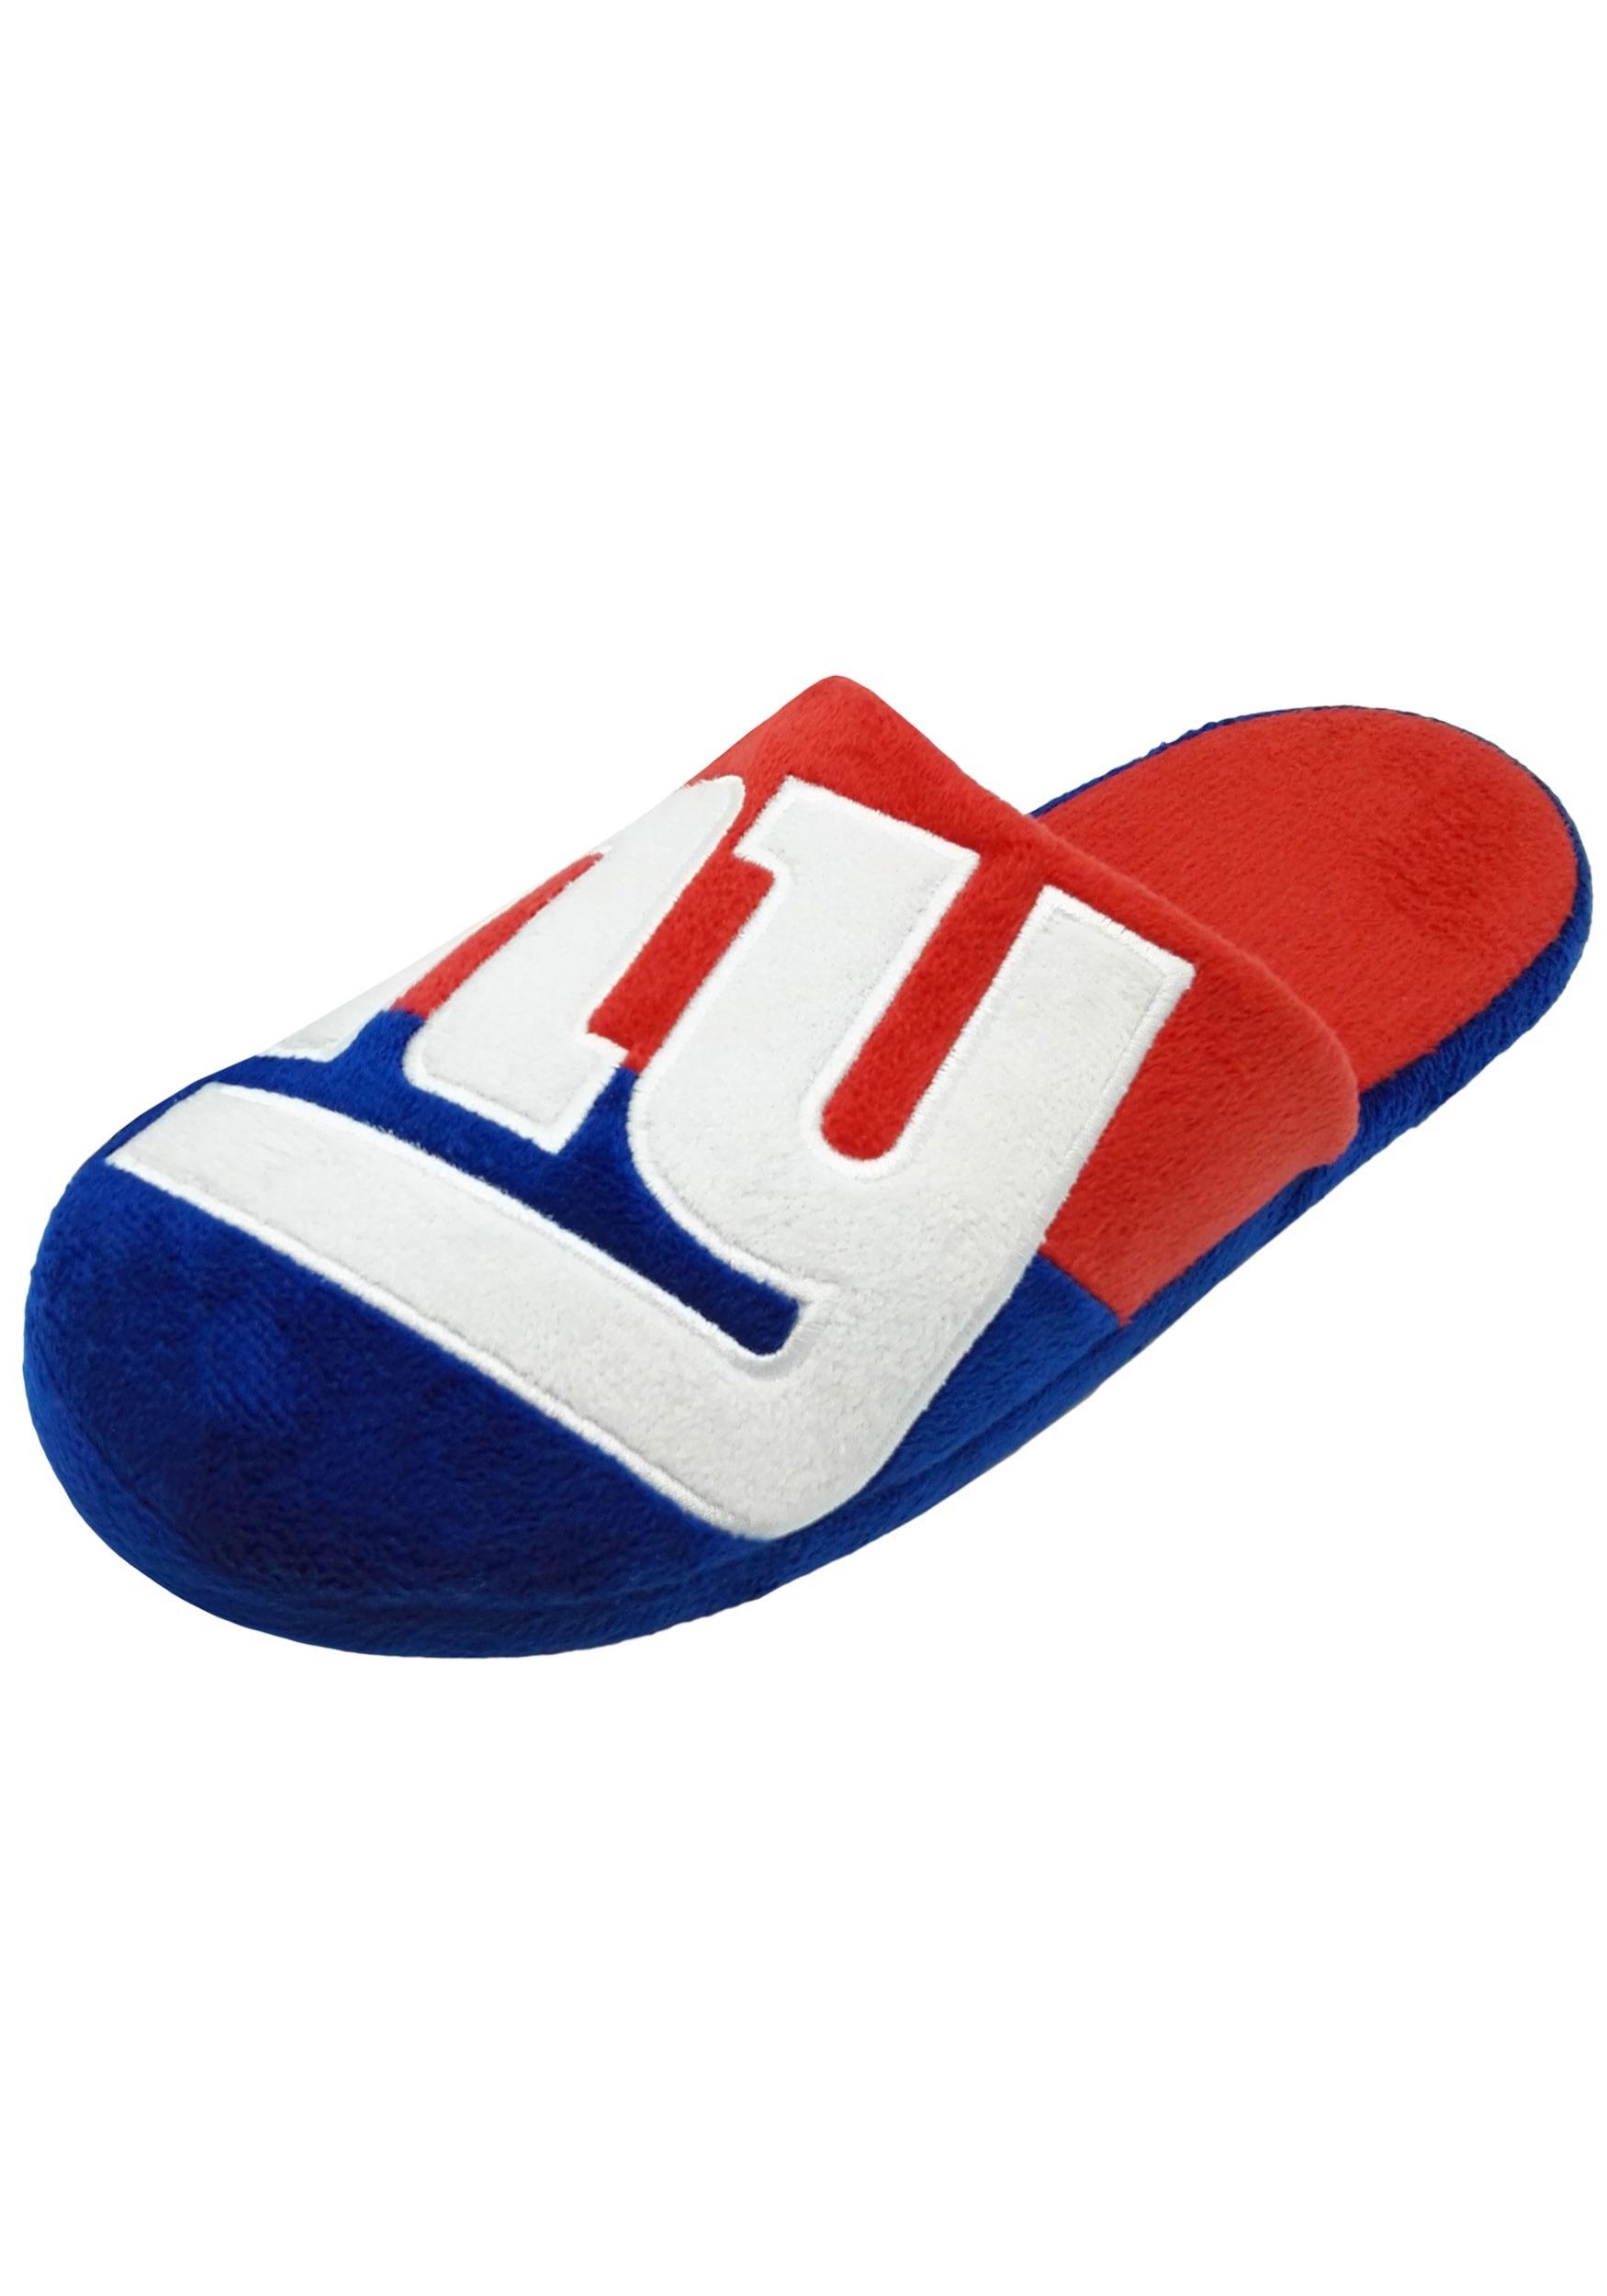 New York Giants Colorblock Slide Slippers